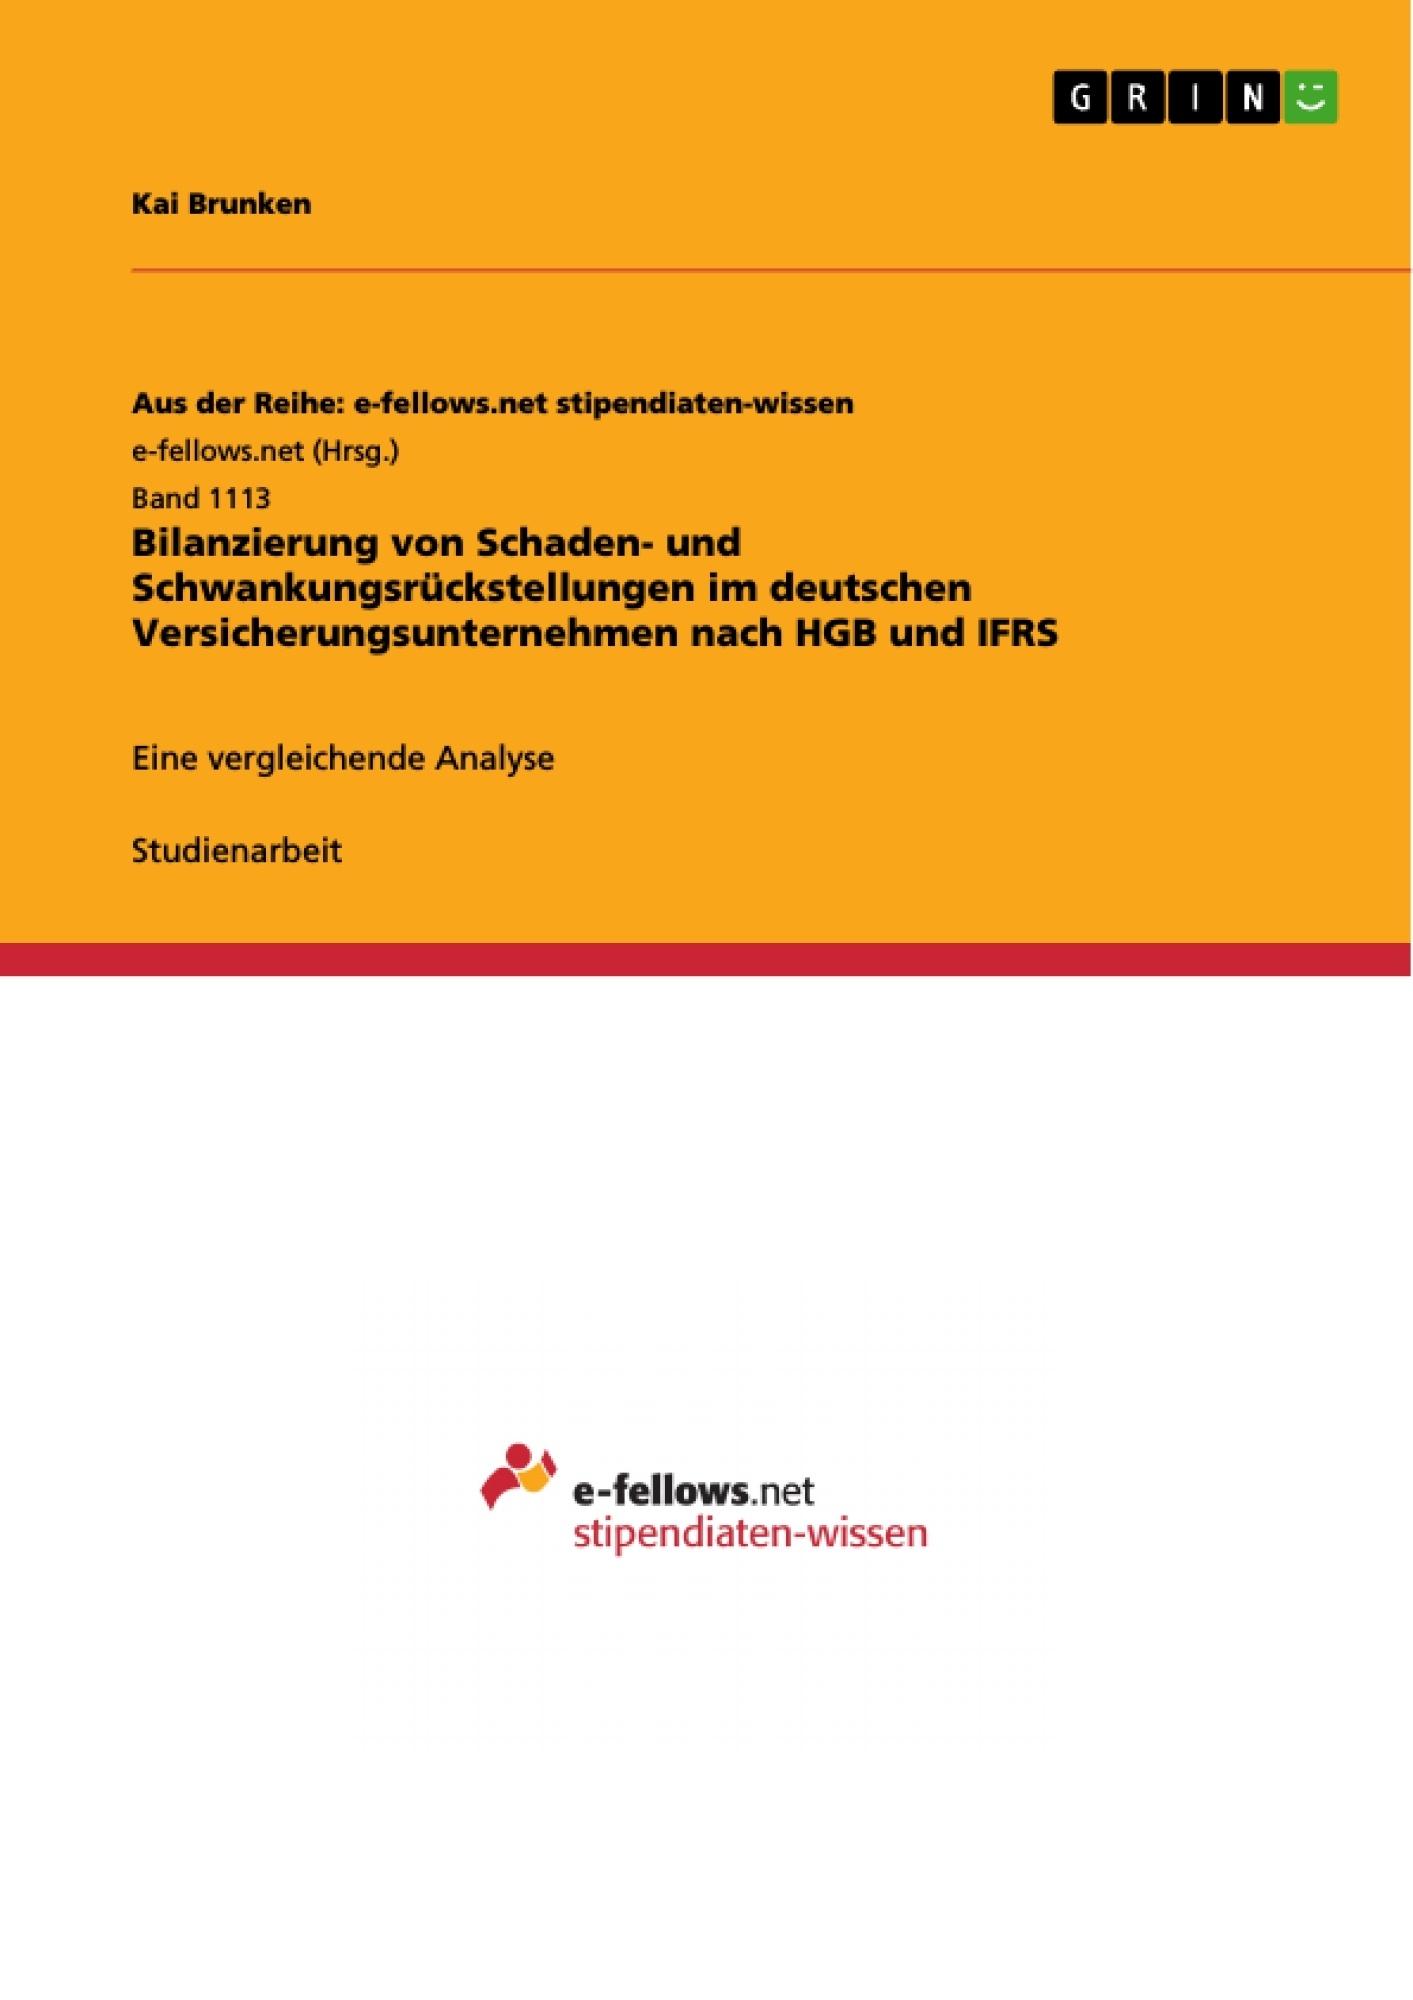 Titel: Bilanzierung von Schaden- und Schwankungsrückstellungen im deutschen Versicherungsunternehmen nach HGB und IFRS